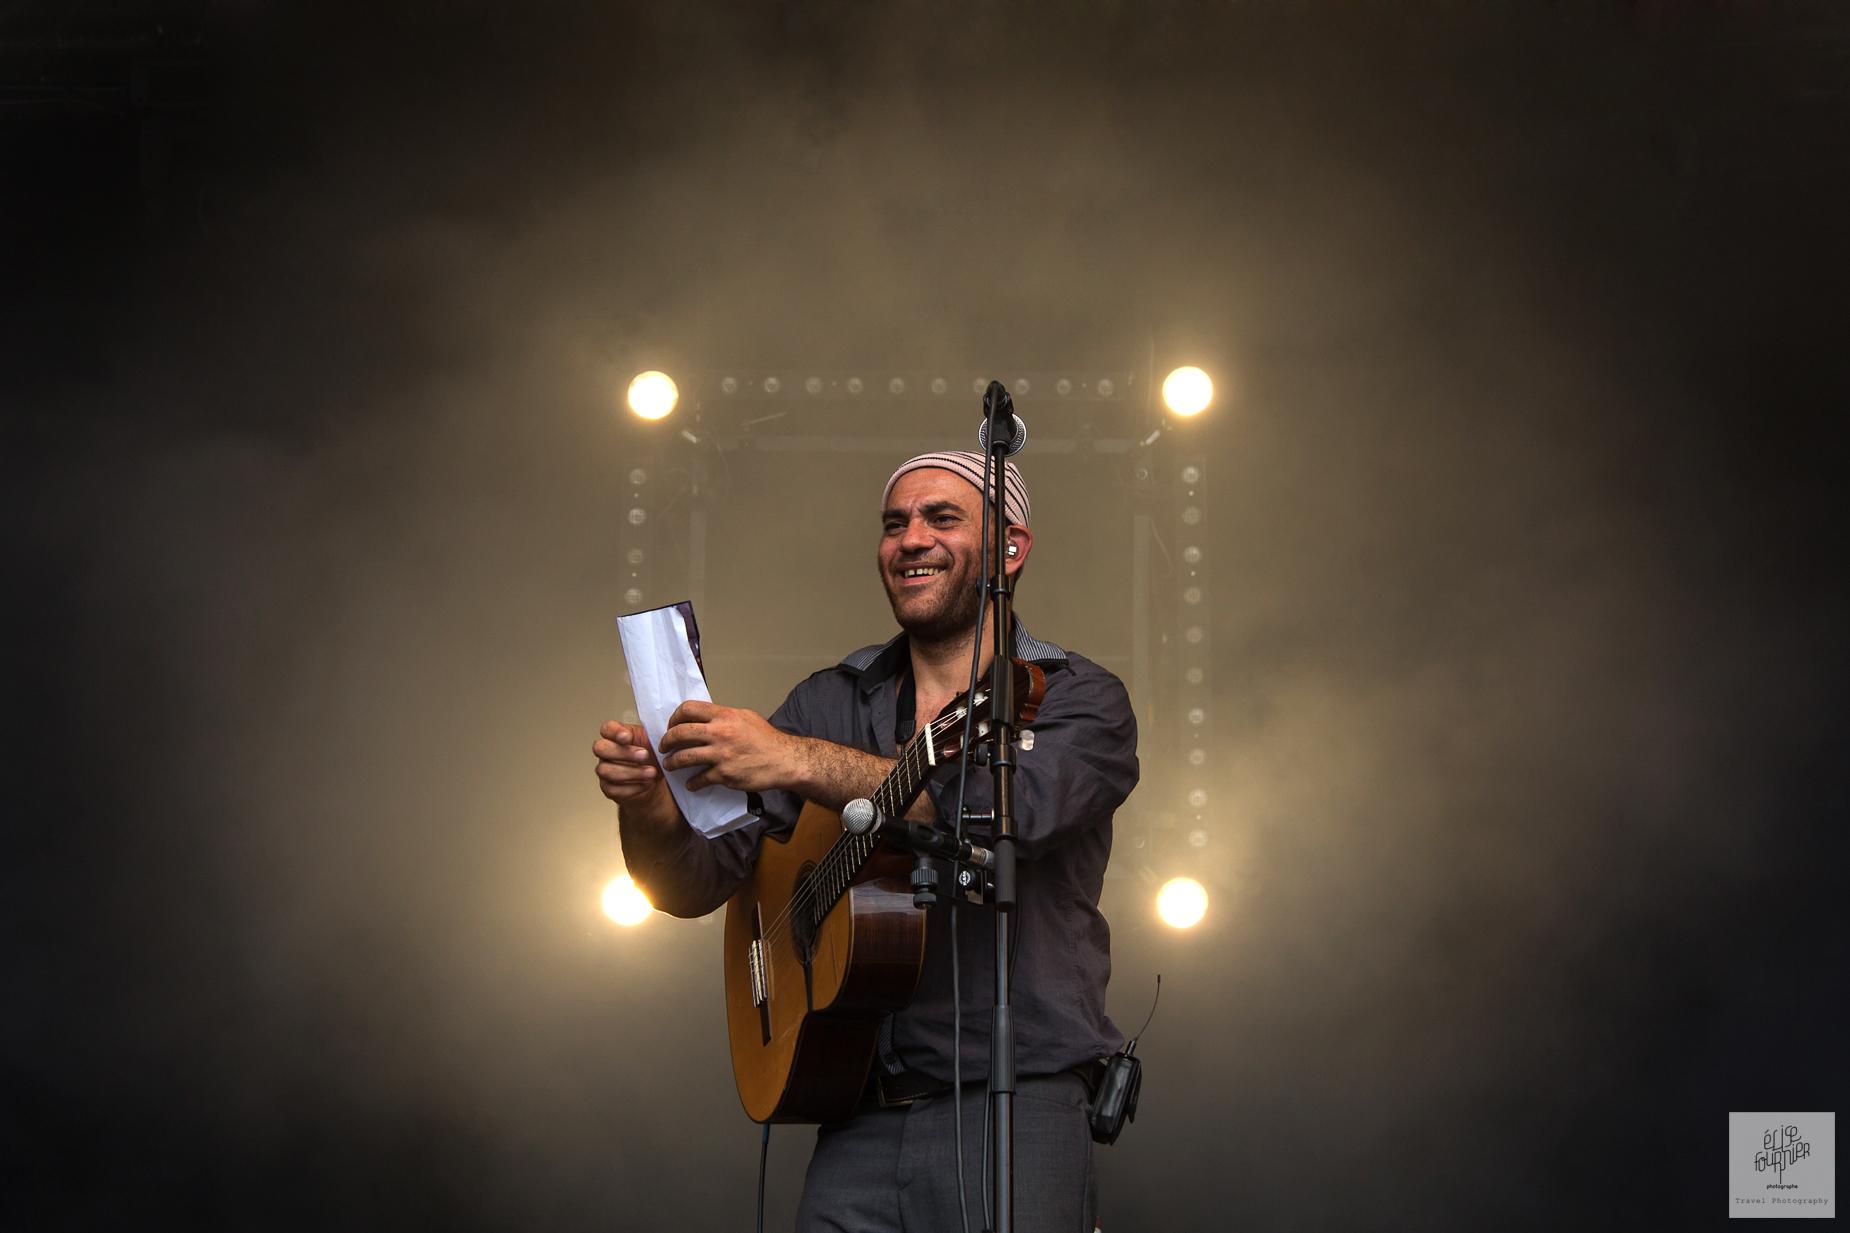 Festivals et concerts en Bretagne - photographe Elise Fournier